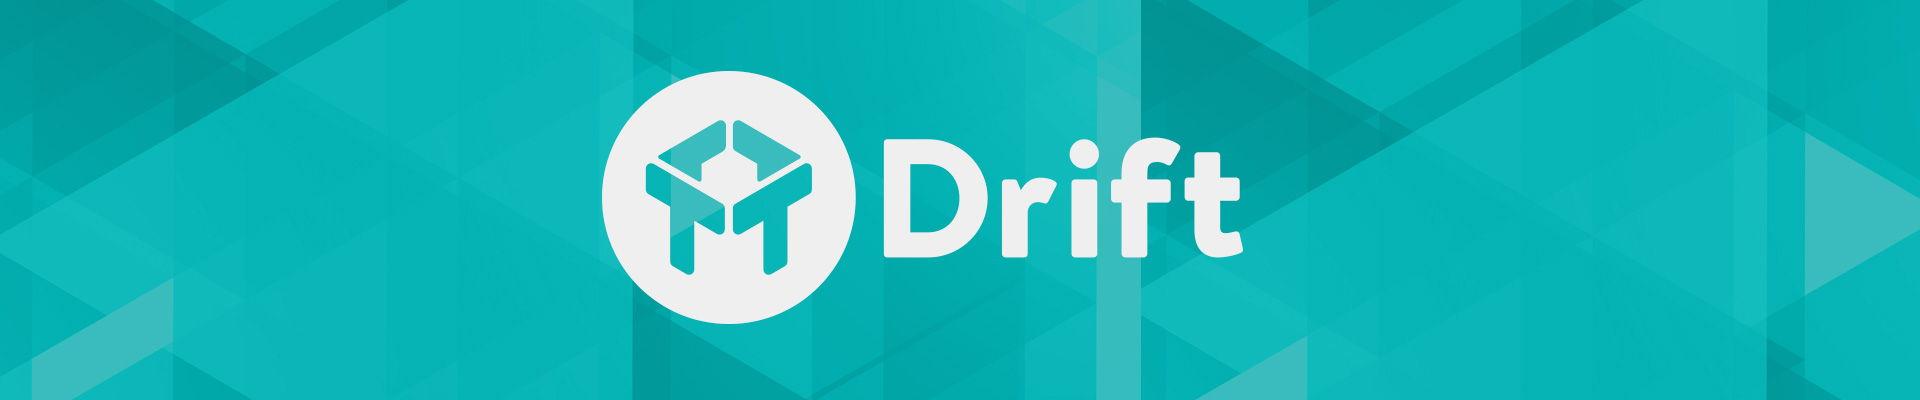 drift-logo